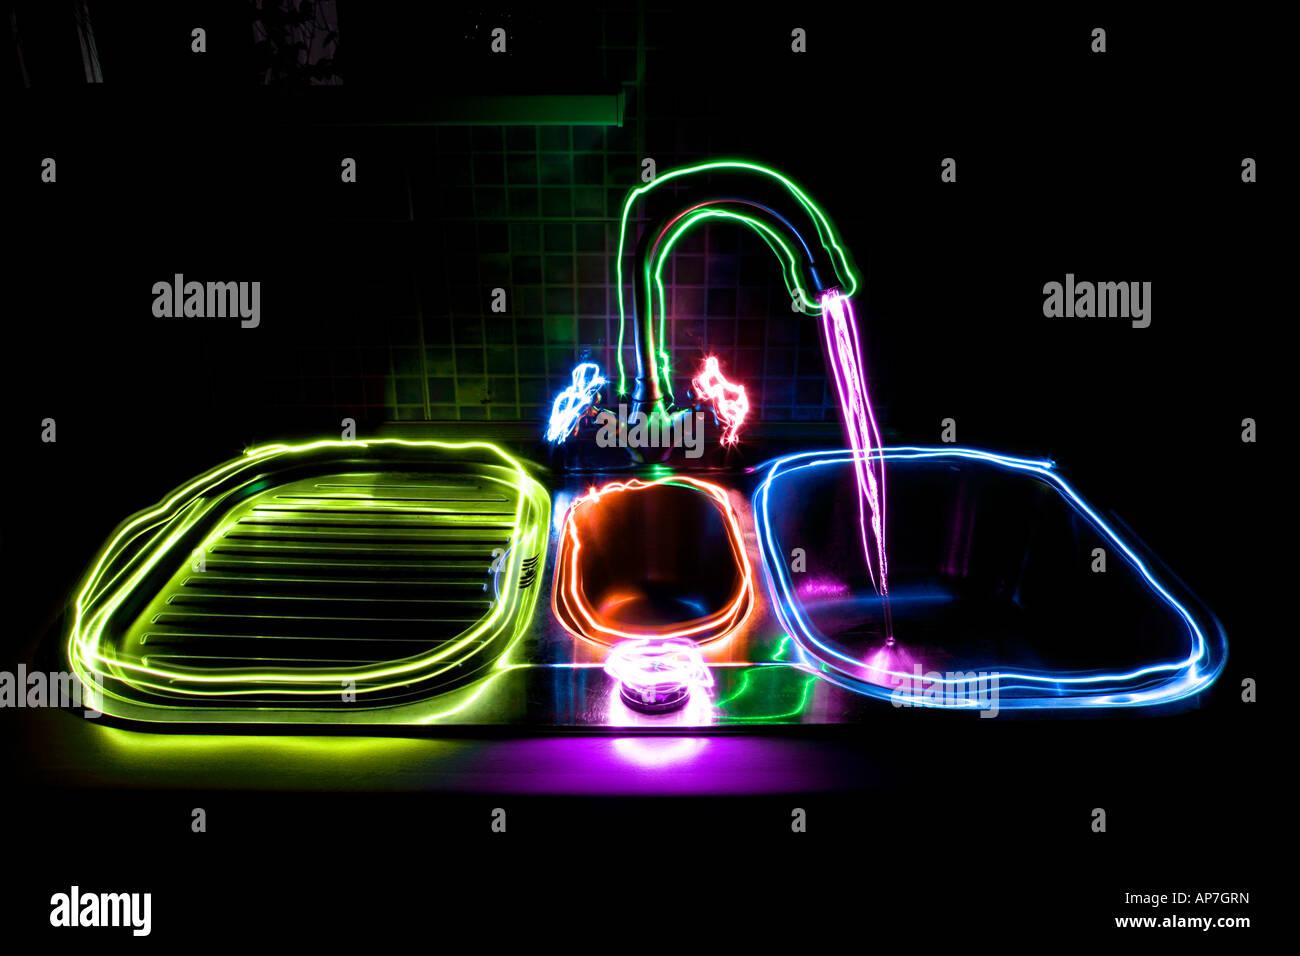 Küchenspüle mit Hähnen bemalt mit bunten Lichtern Stockfoto, Bild ...